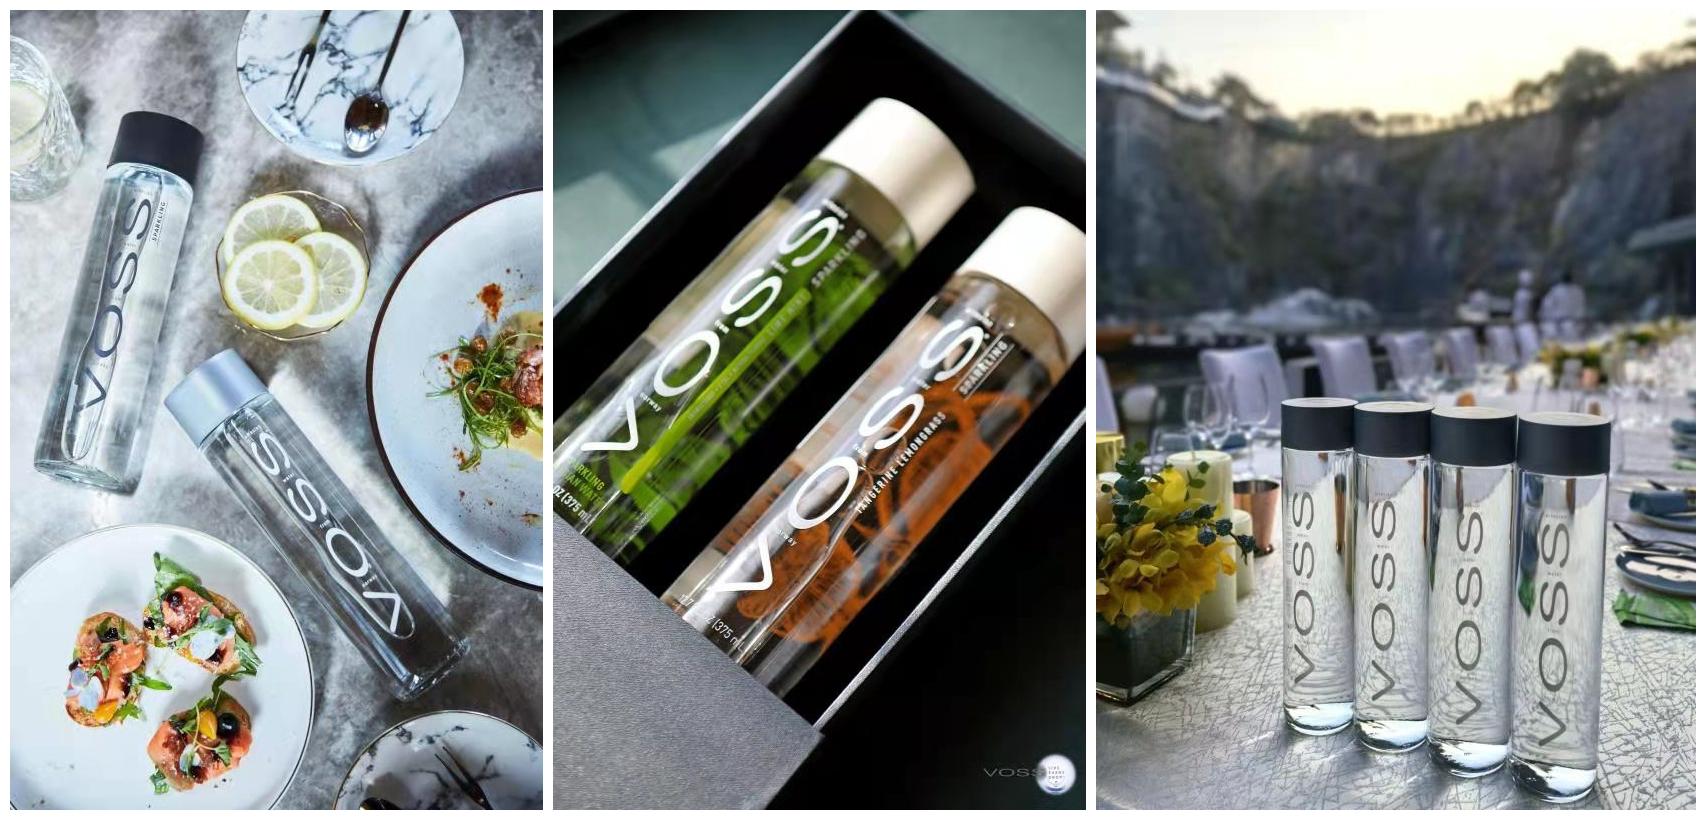 把握新消费趋势 VOSS破局高端饮用水新消费场景